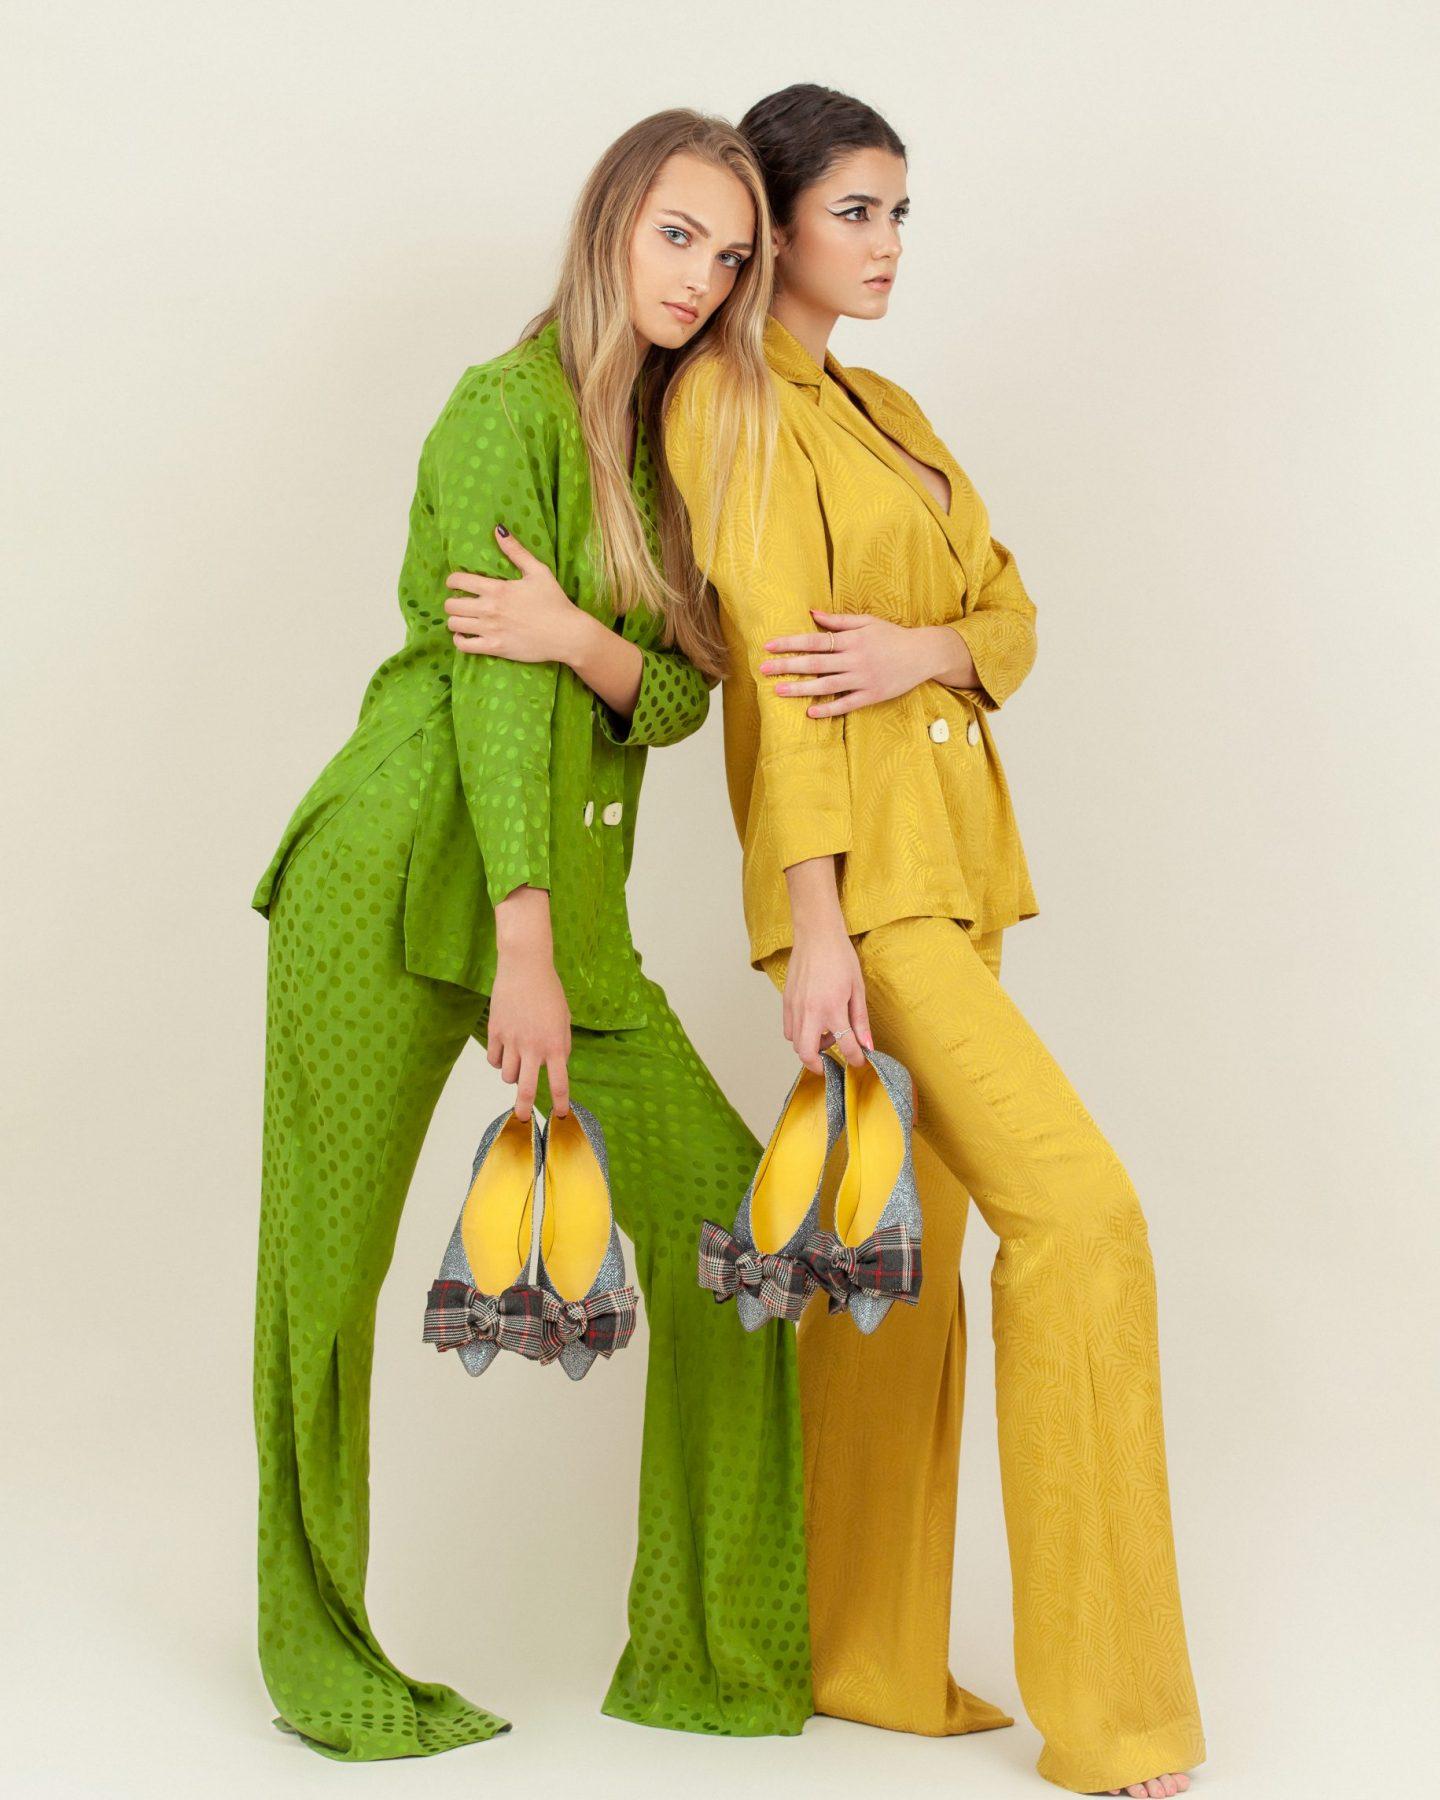 fotografia moda albacete